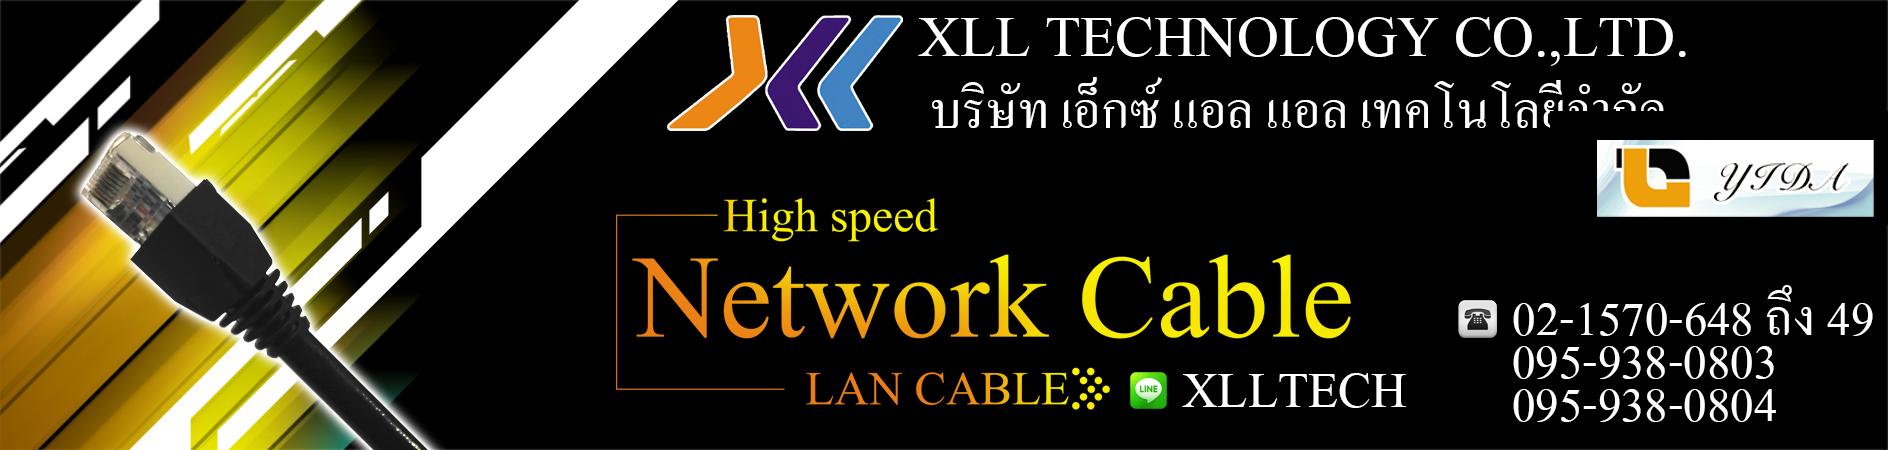 XLL Technology